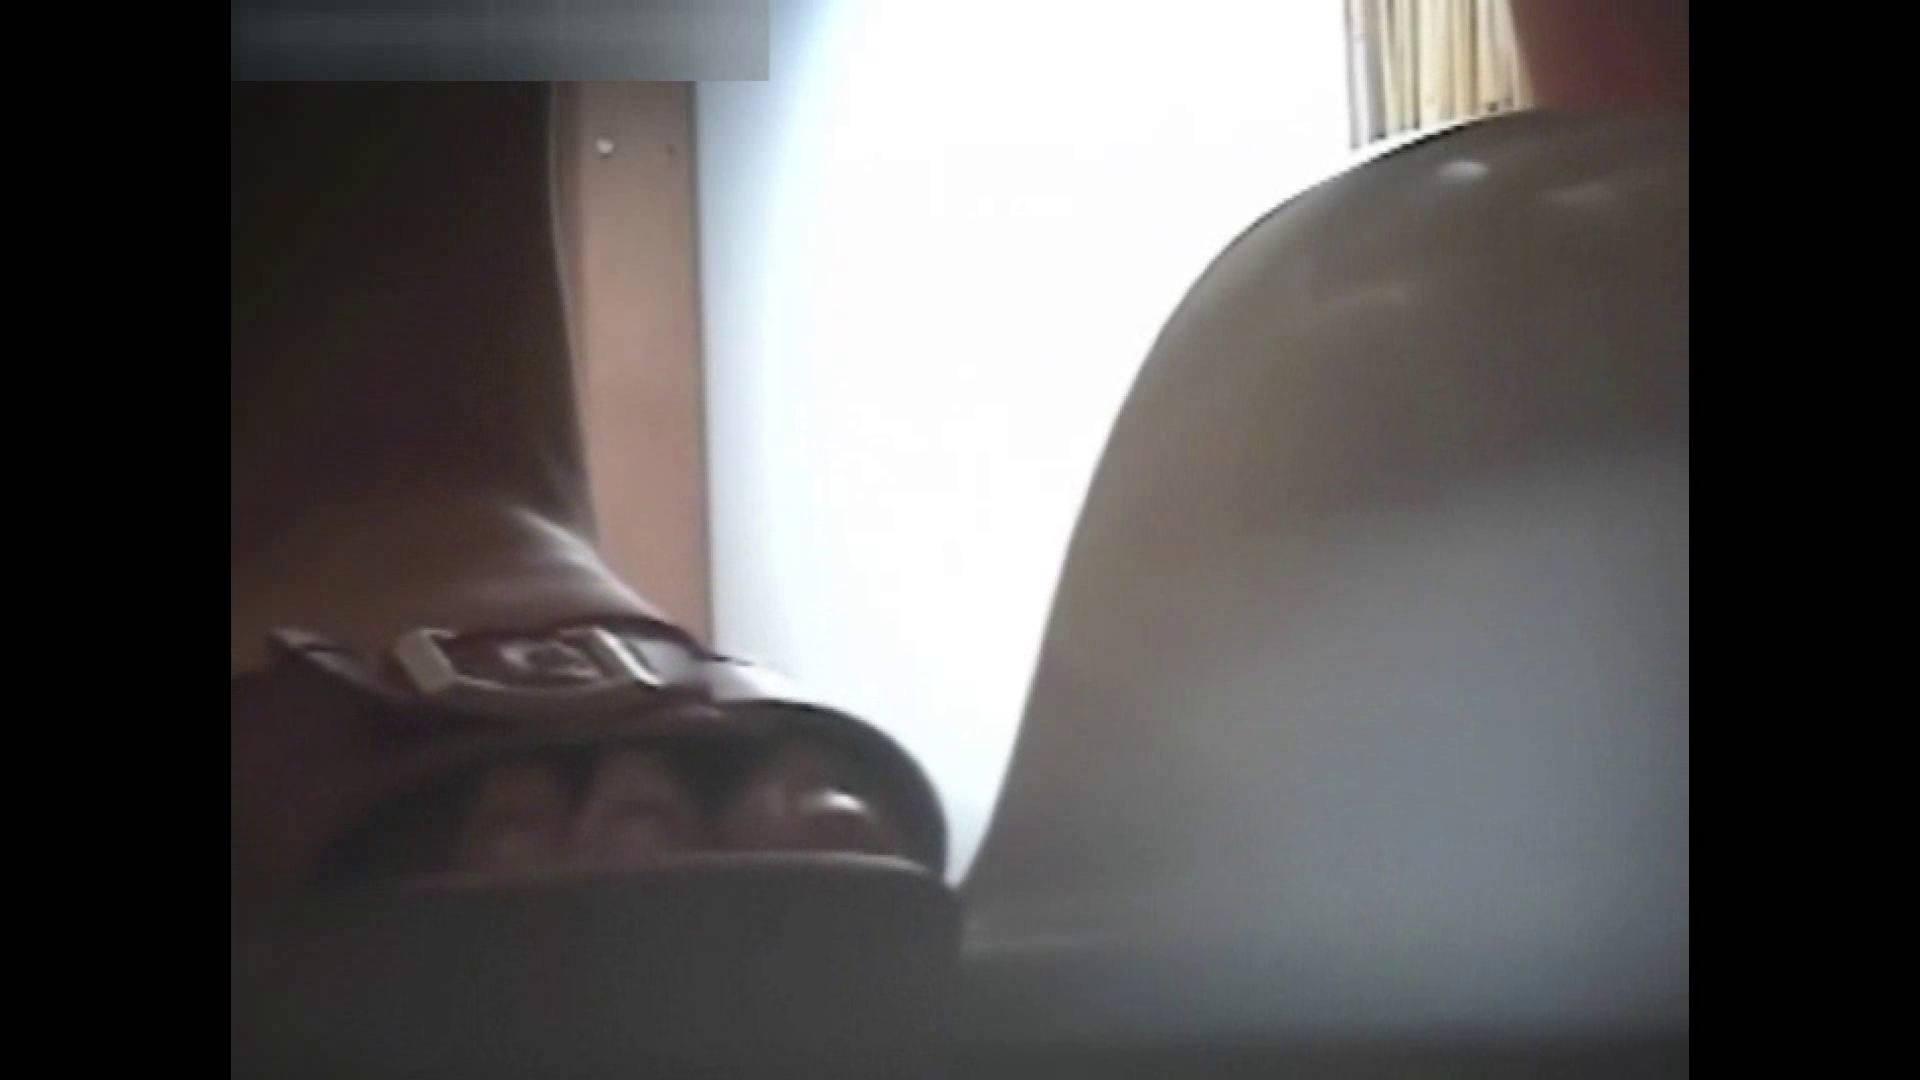 解禁!海の家4カメ洗面所vol.40 人気シリーズ えろ無修正画像 105PIX 83